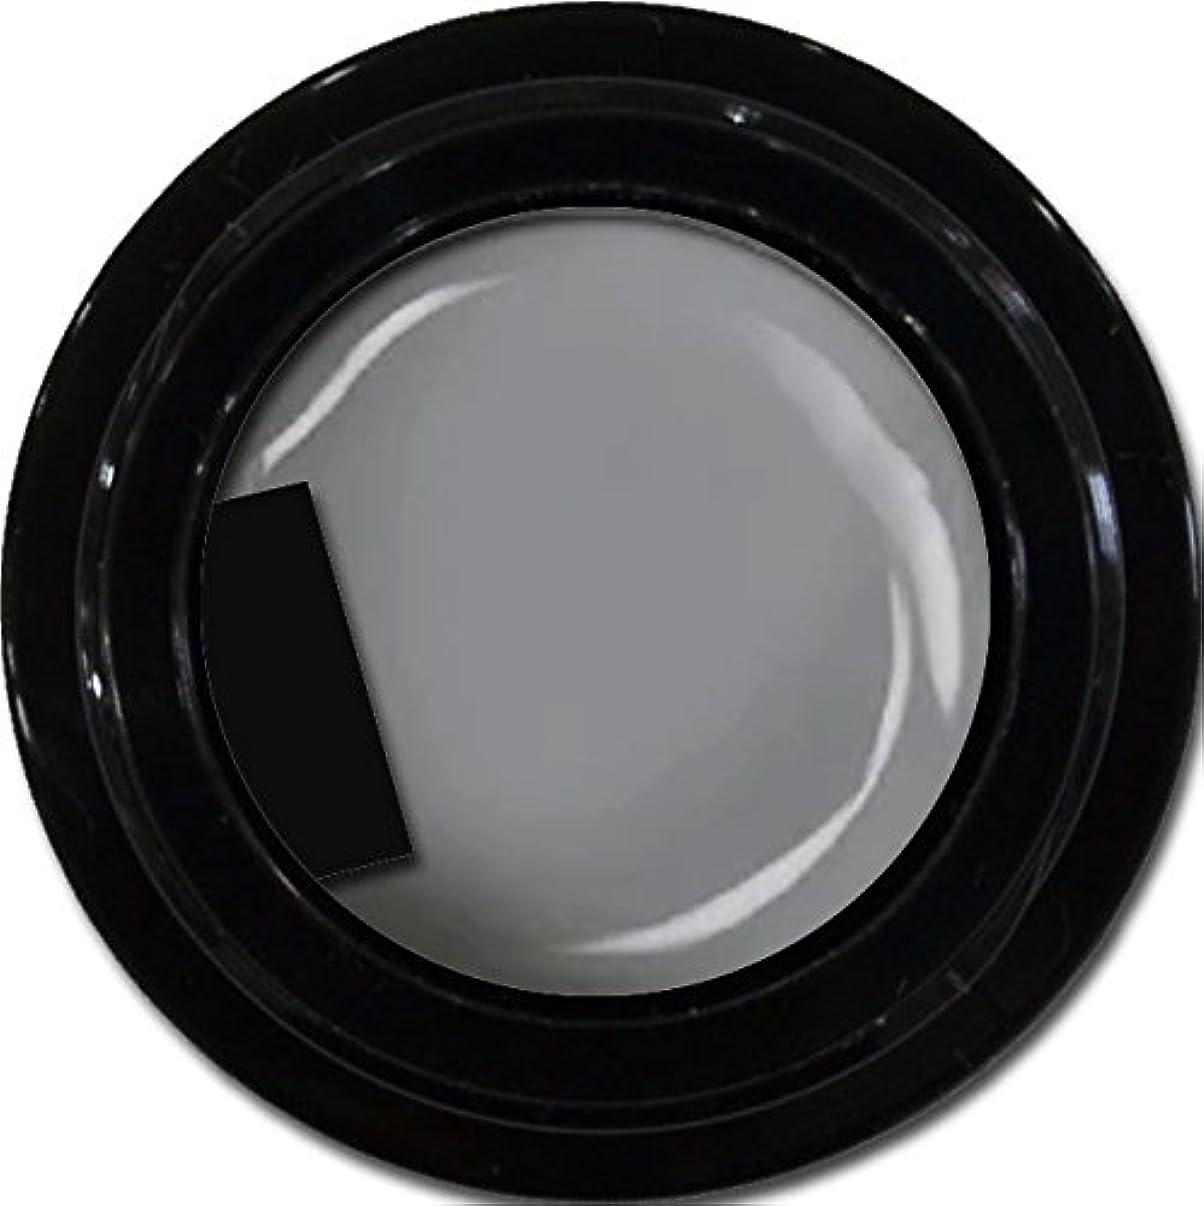 共役グレートオーク泥棒カラージェル enchant color gel M807 LegendGray 3g/ マットカラージェル M807レジェンドグレイ 3グラム